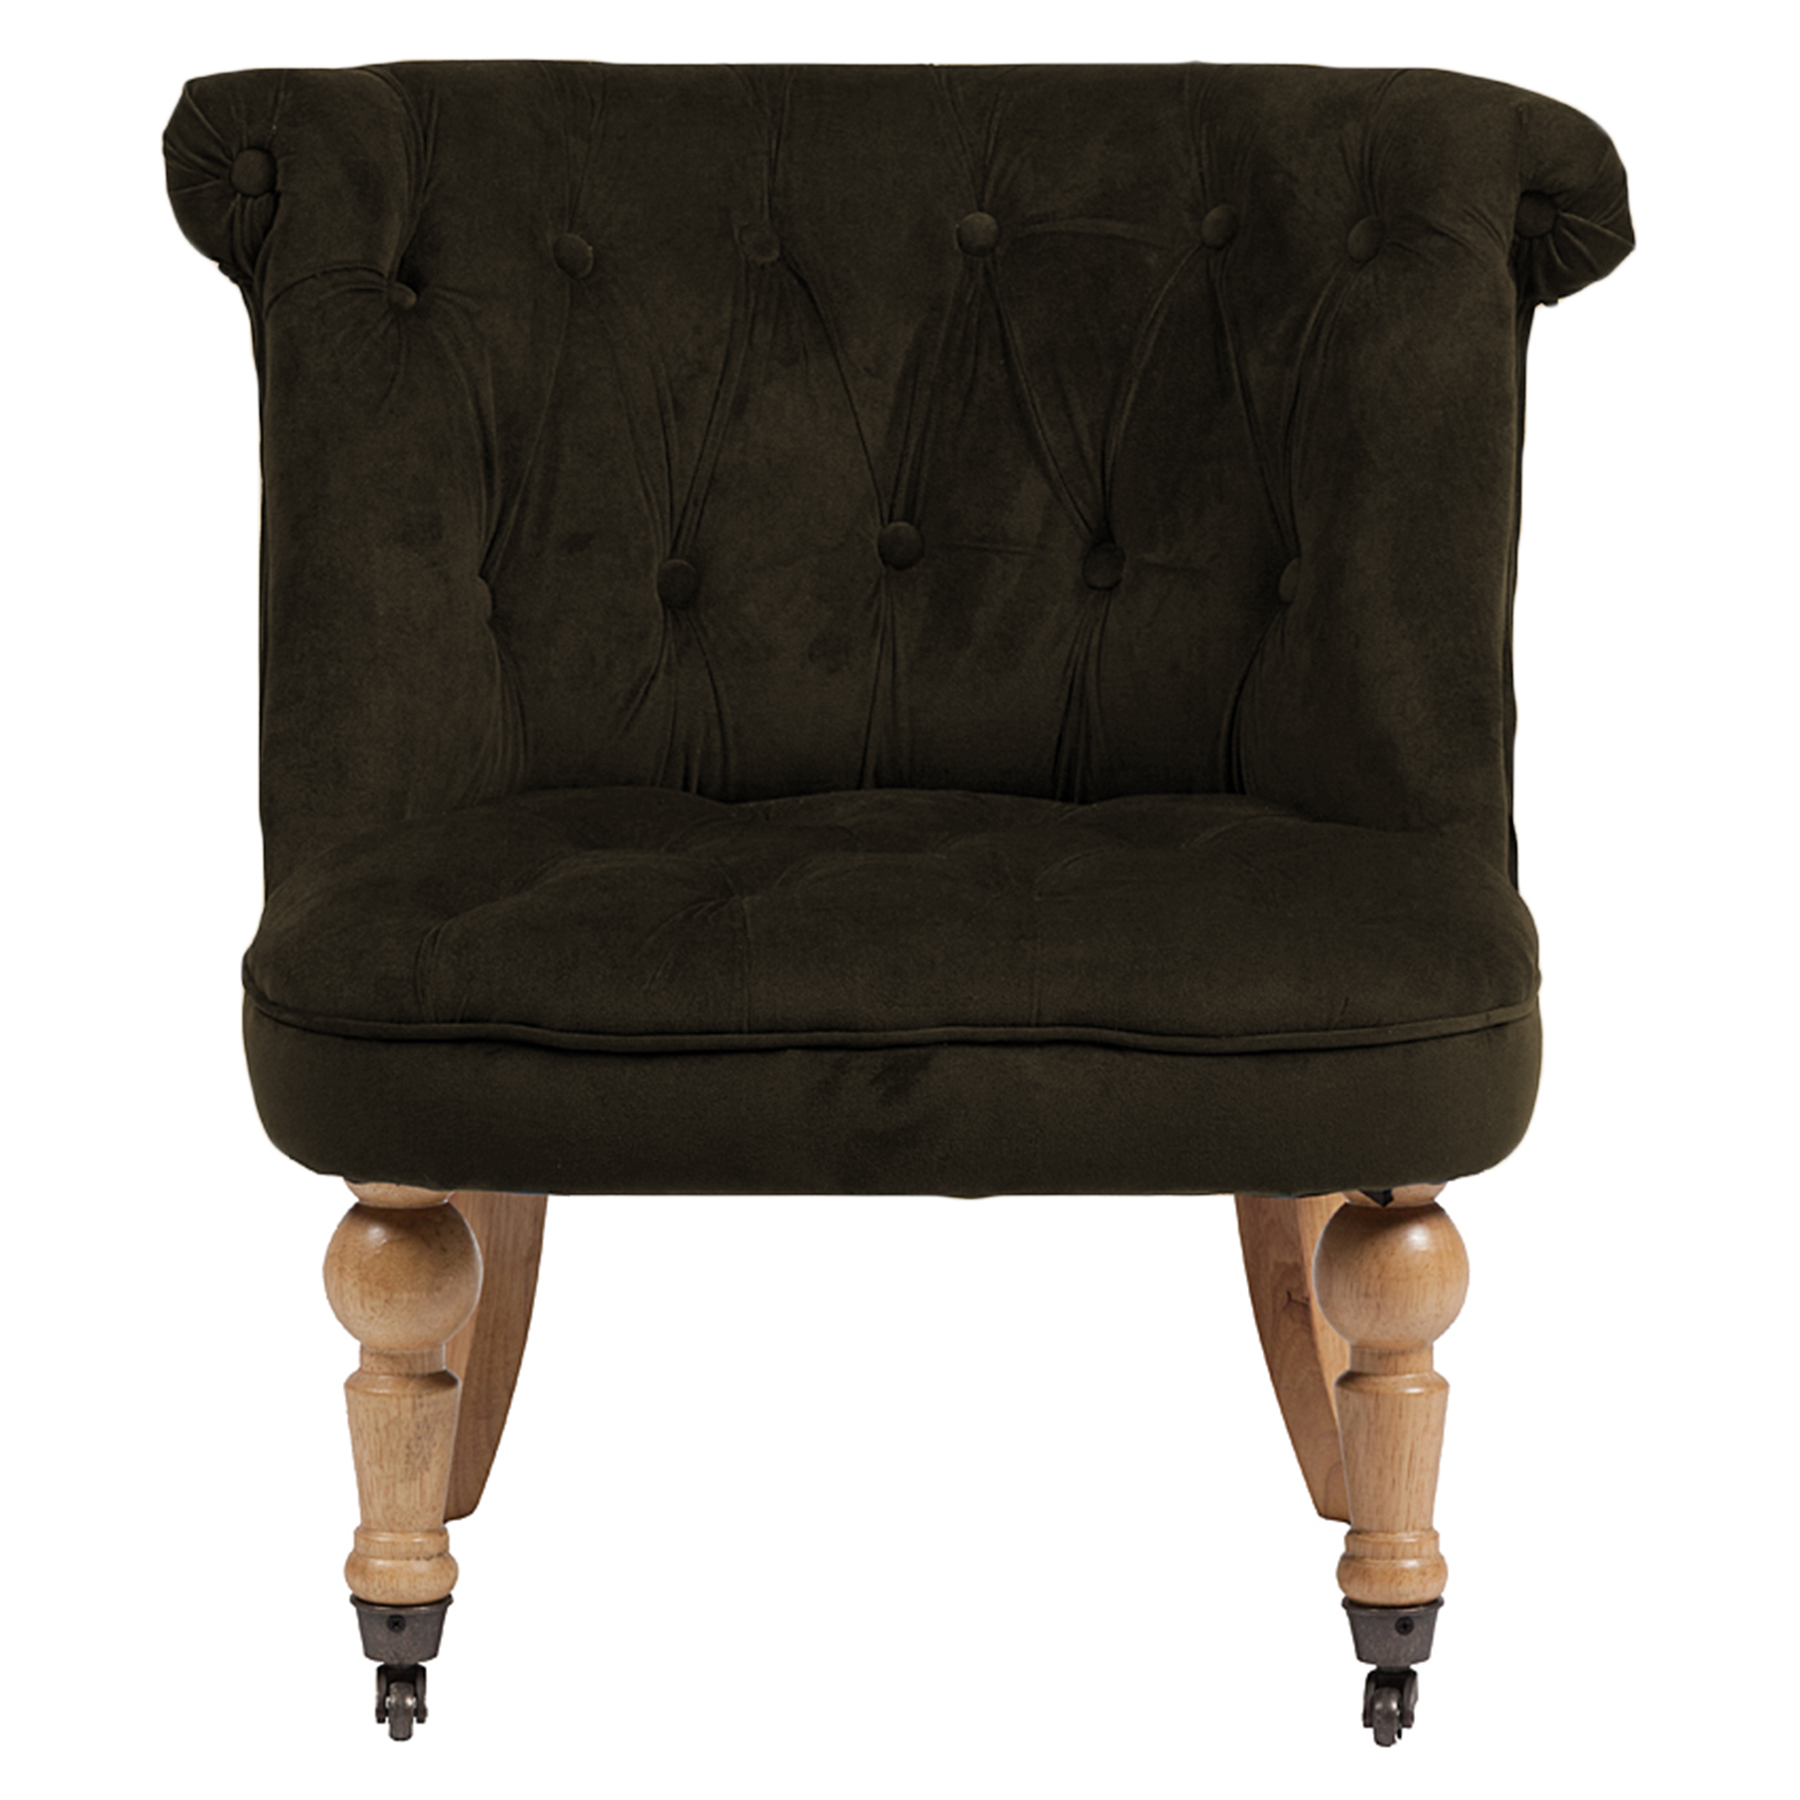 Купить со скидкой Кресло Amelie French Country Chair серо-коричневый велюр